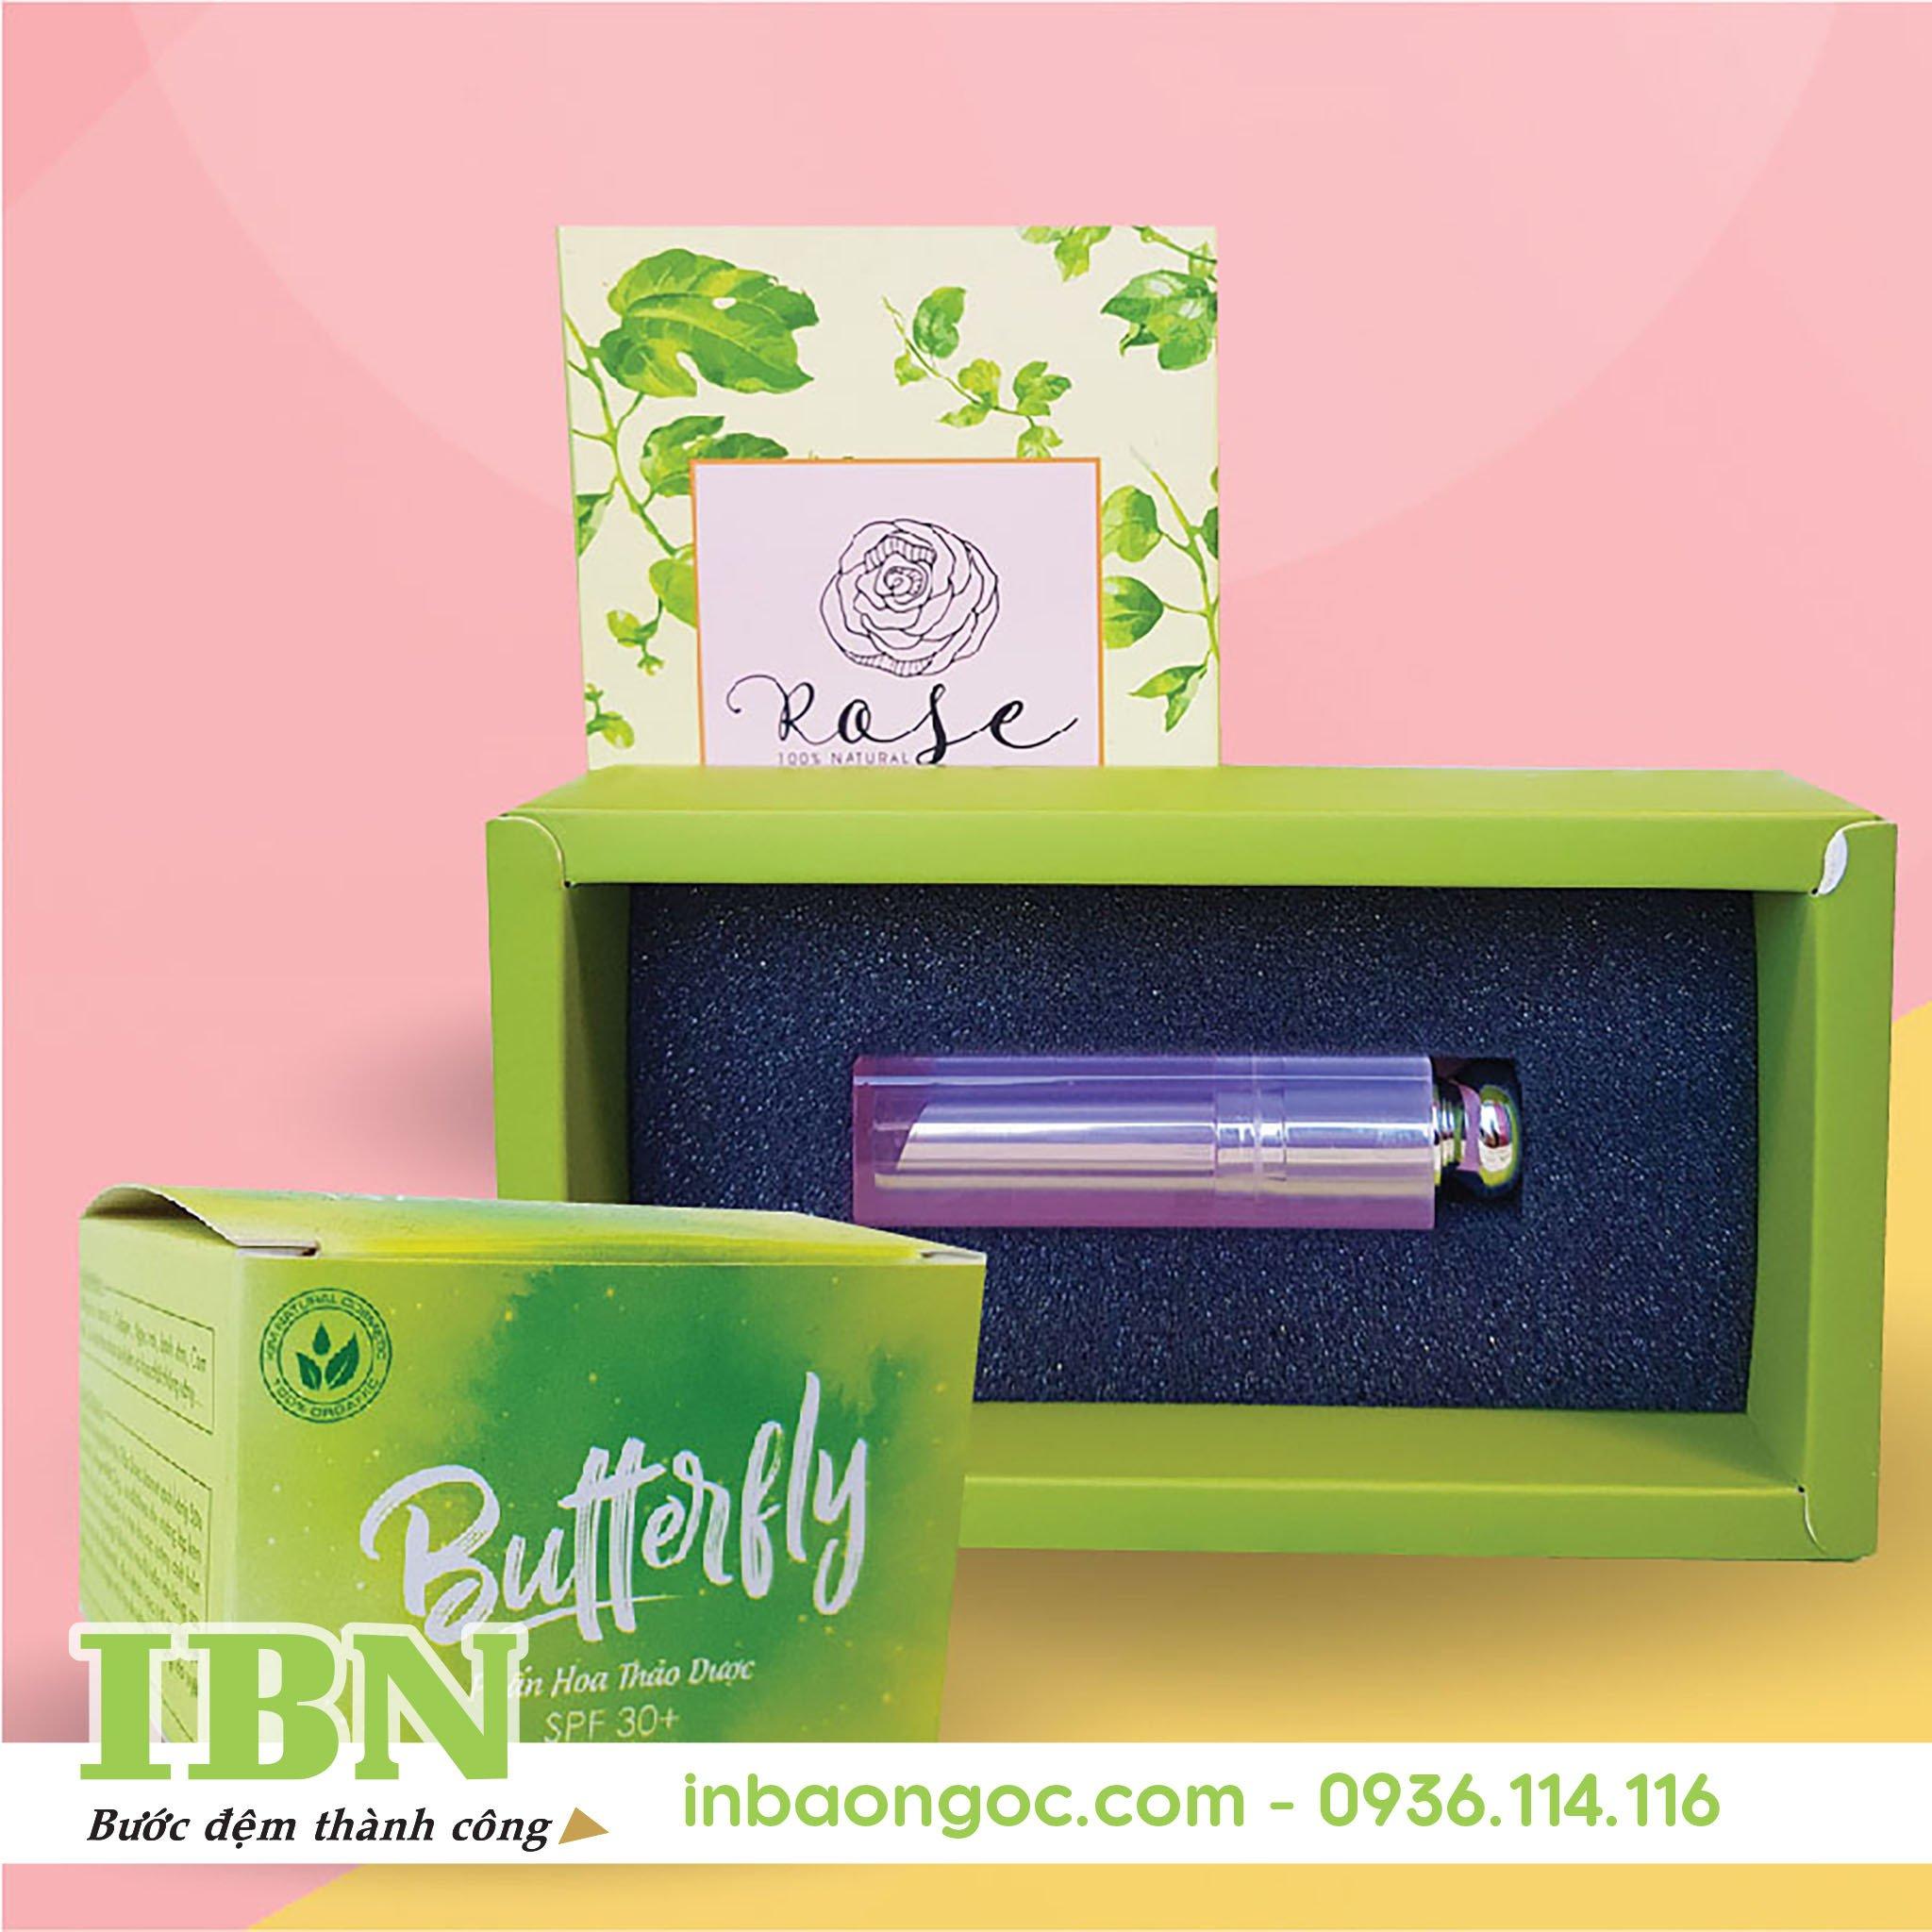 thiết kế hộp giấy chất lượng